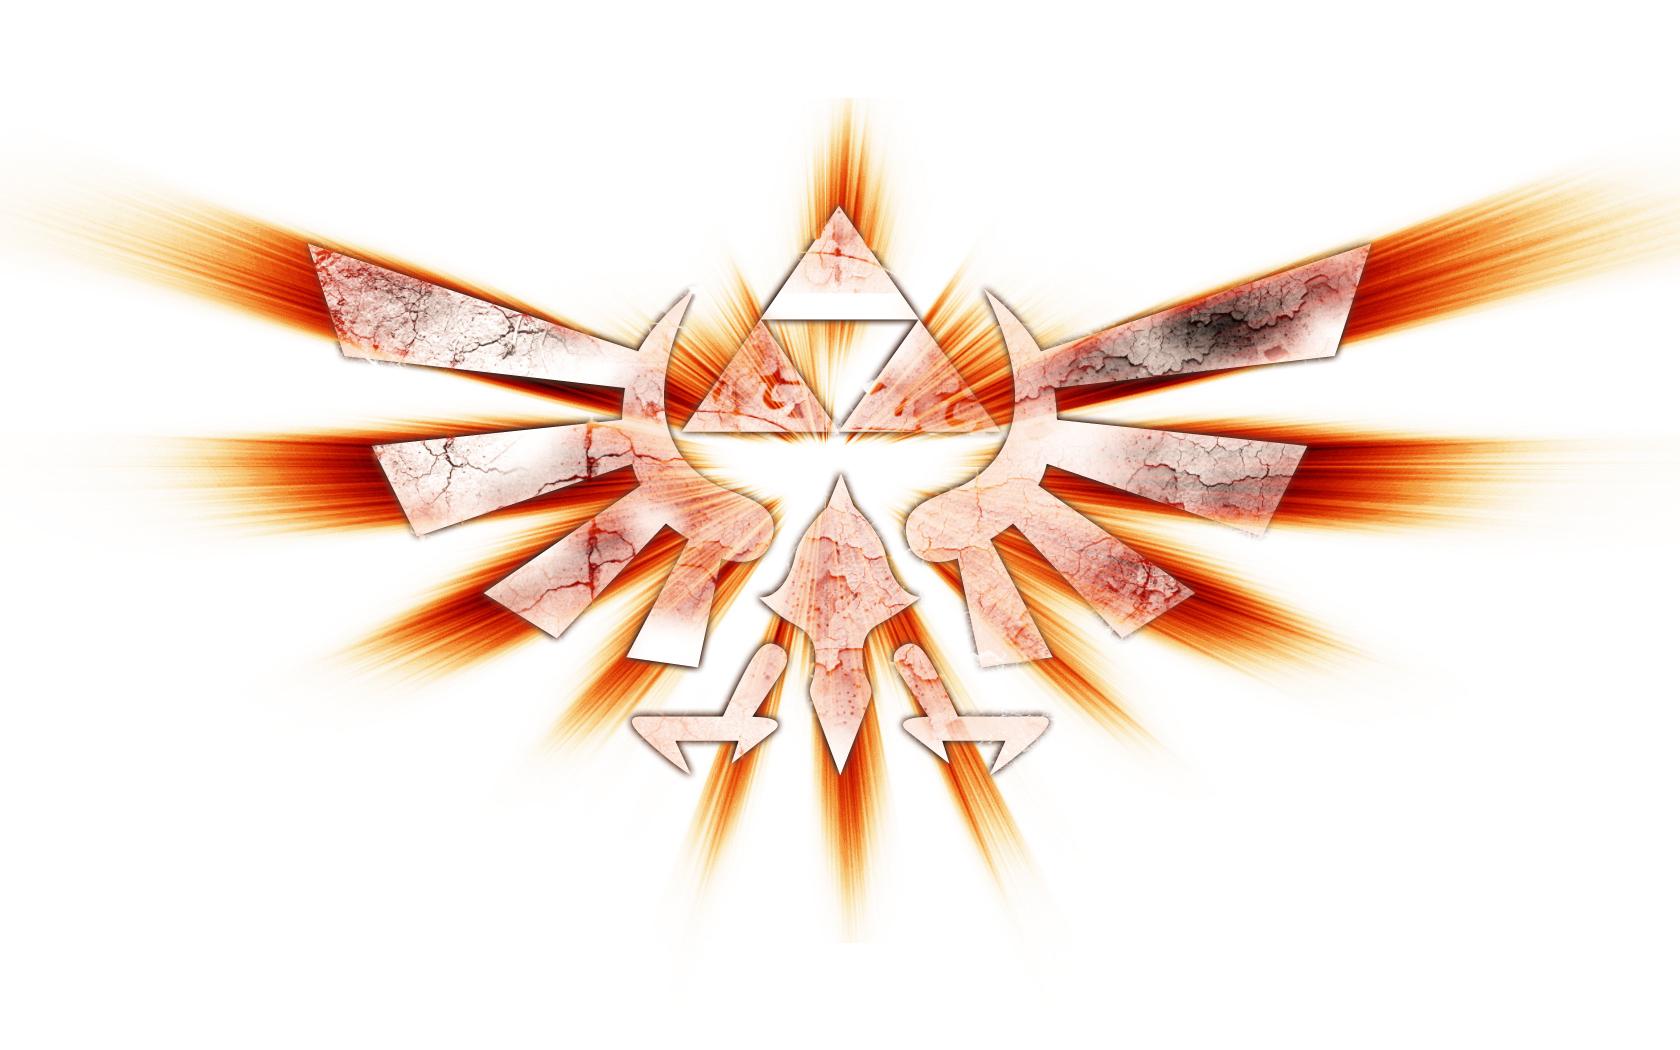 Triforce-Wallpaper-the-legend-of-zelda-2832807-1680-1050